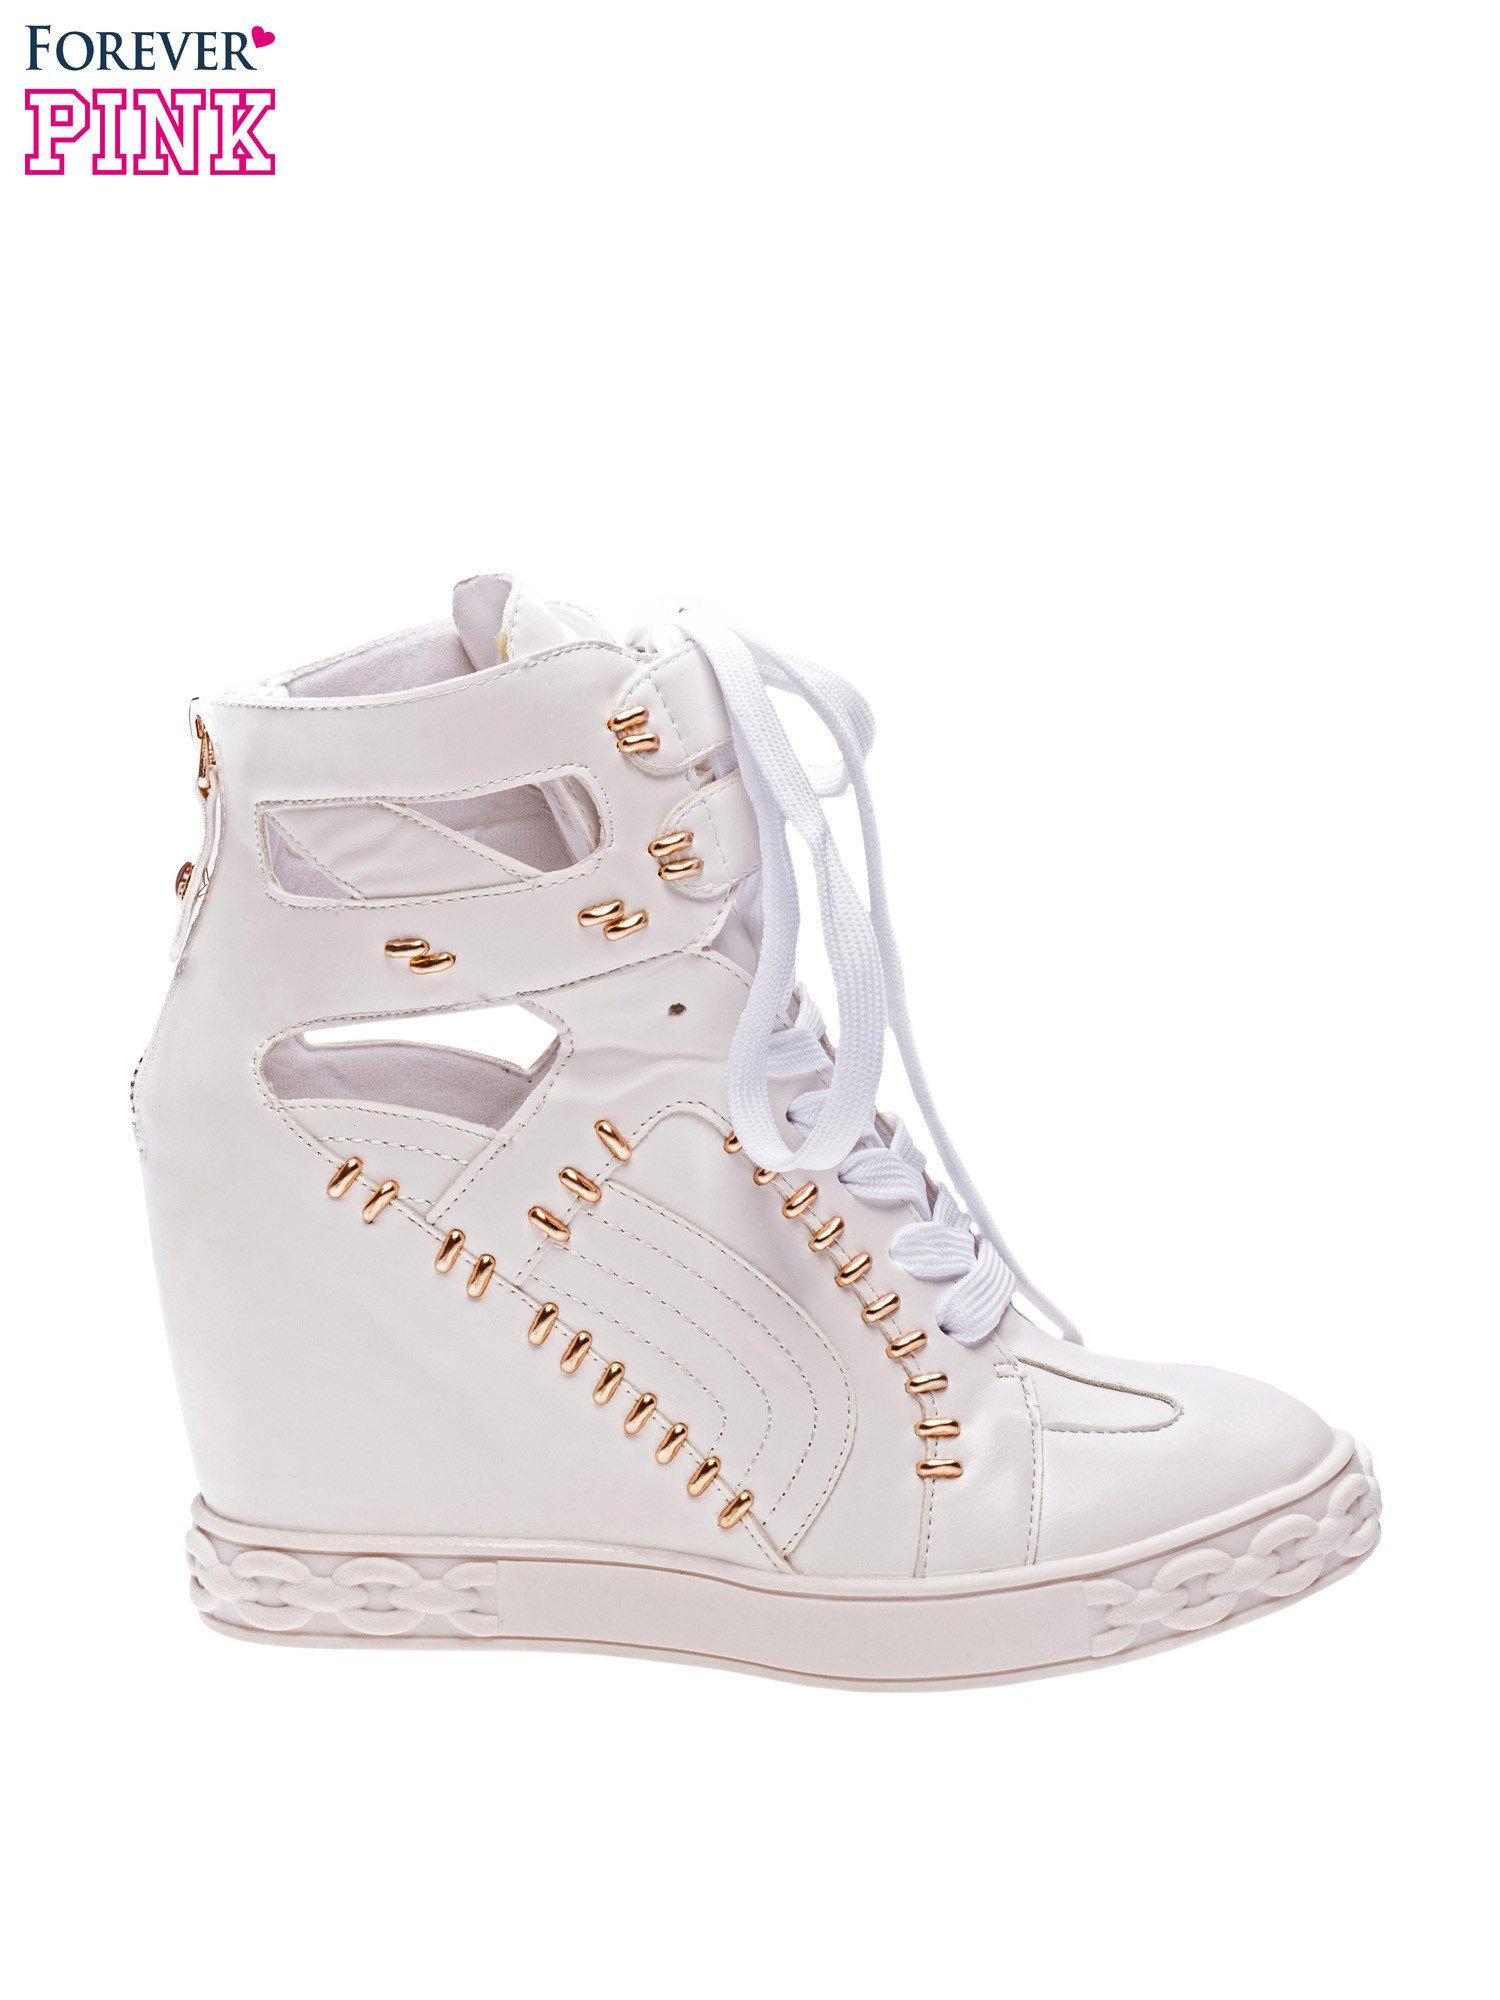 Białe sneakersy ze złotymi elementami                                  zdj.                                  1